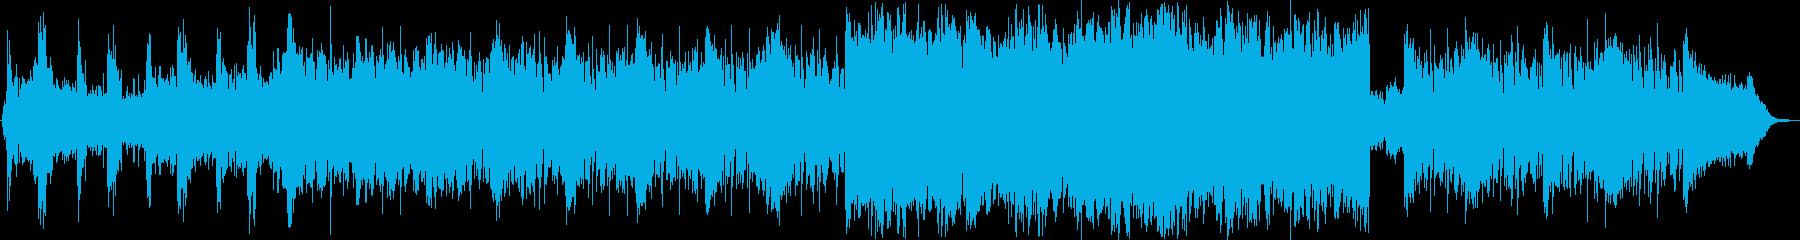 躍動感にあふれ別次元に引き込まれる音楽の再生済みの波形